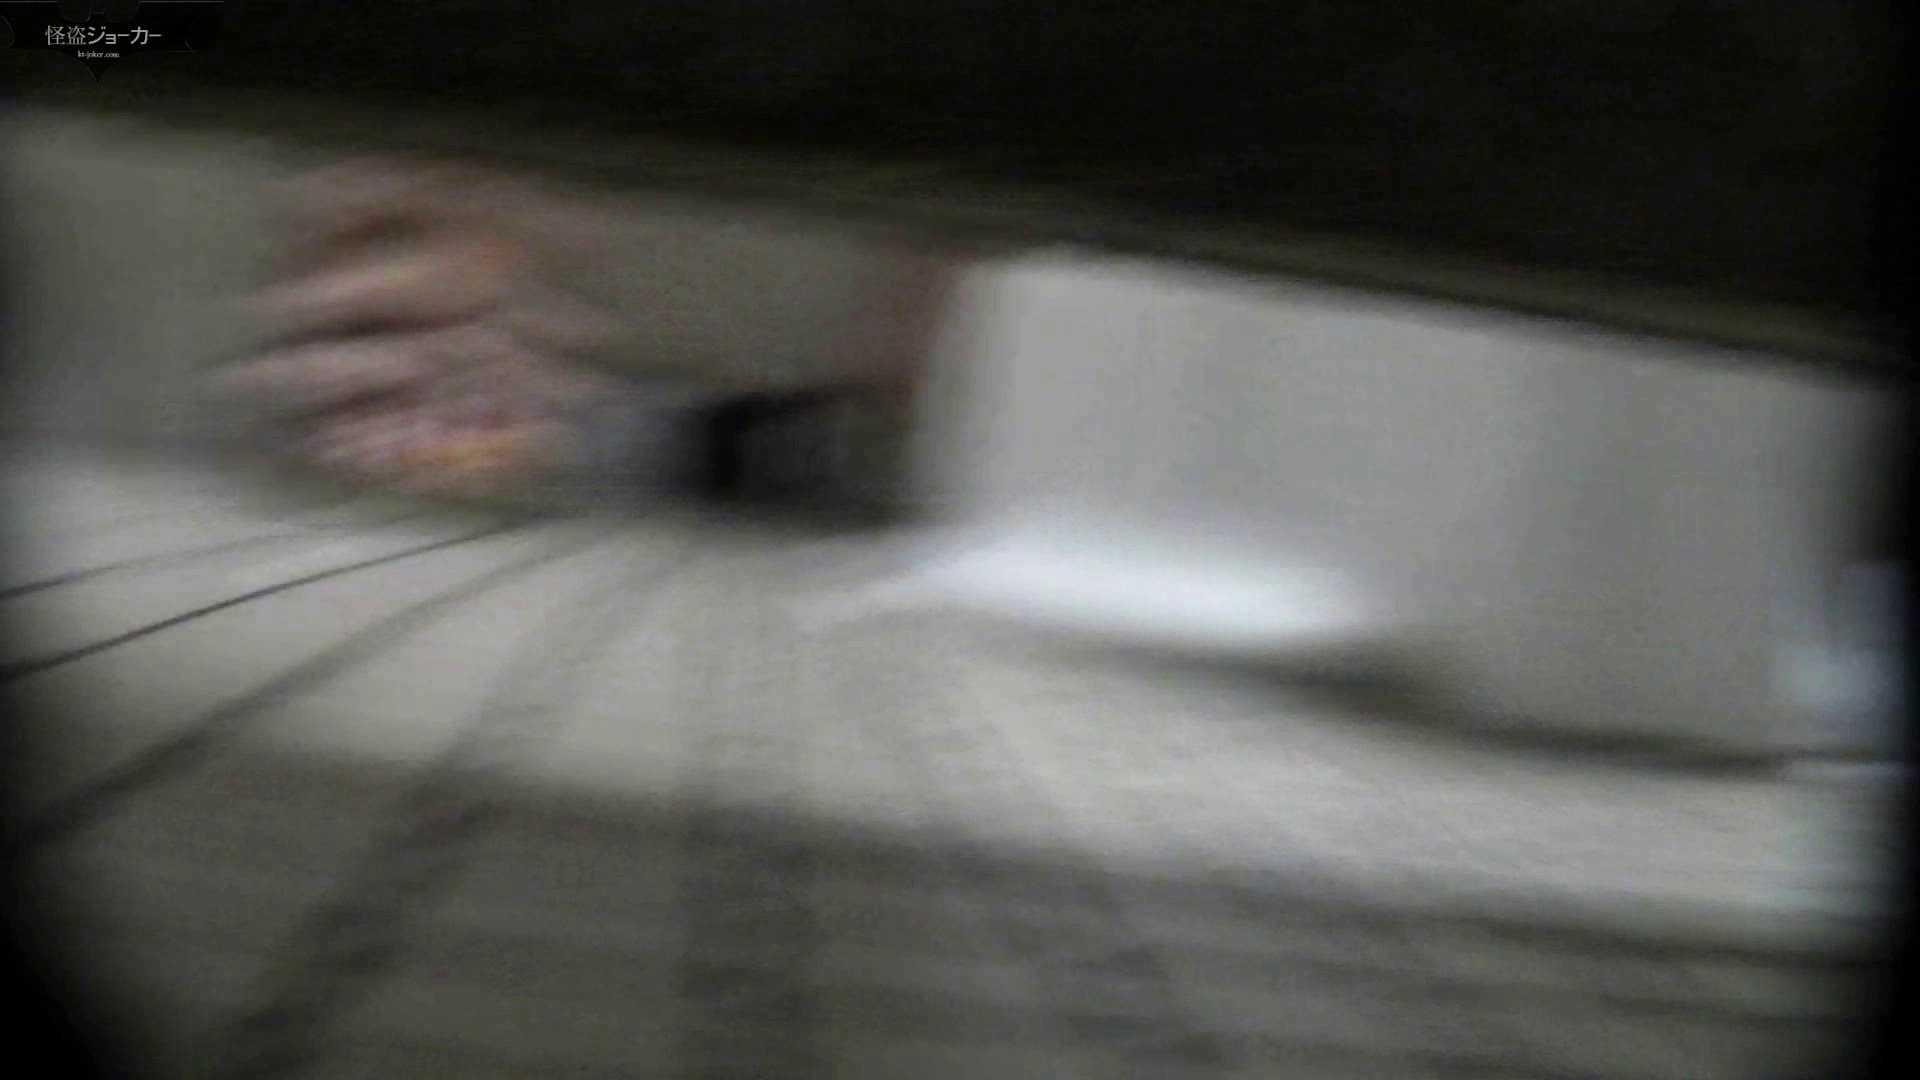 【美しき個室な世界】洗面所特攻隊 vol.051 洗面所着替え   OL  61連発 49